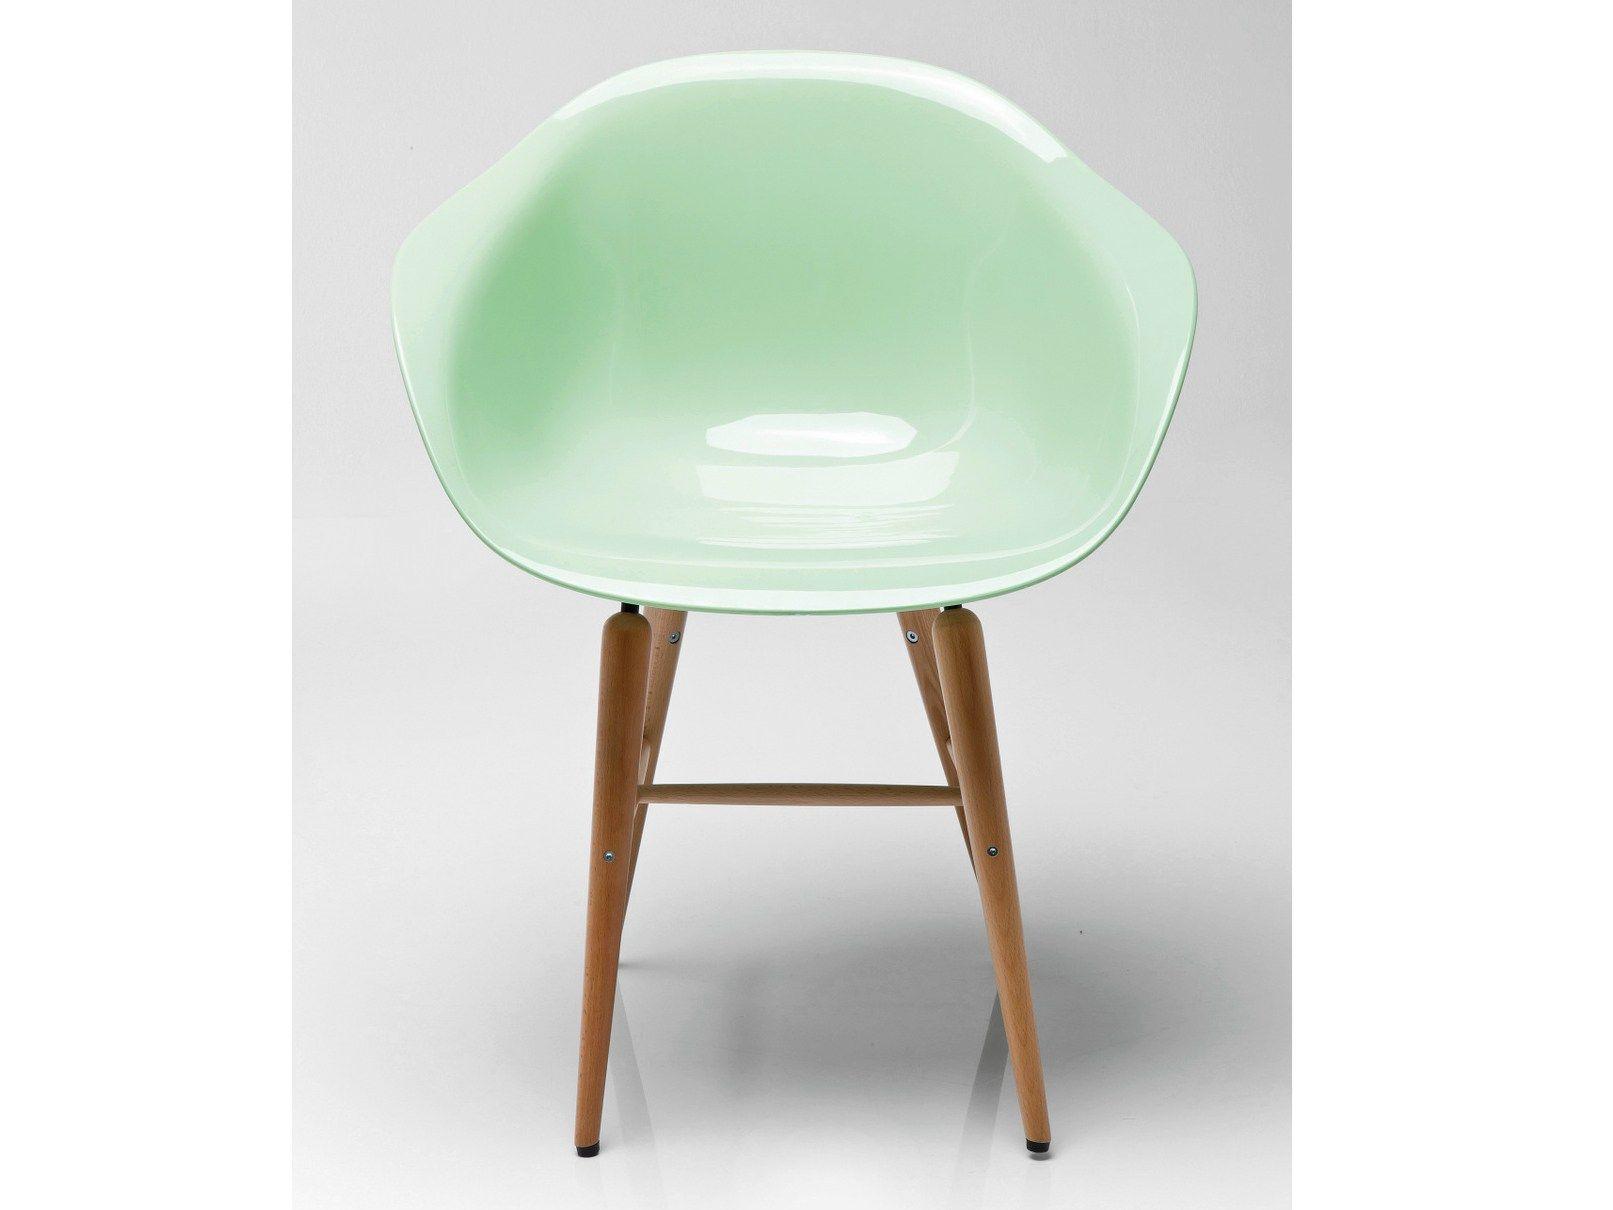 forum-wood-mint-kare-design-213984-rel84